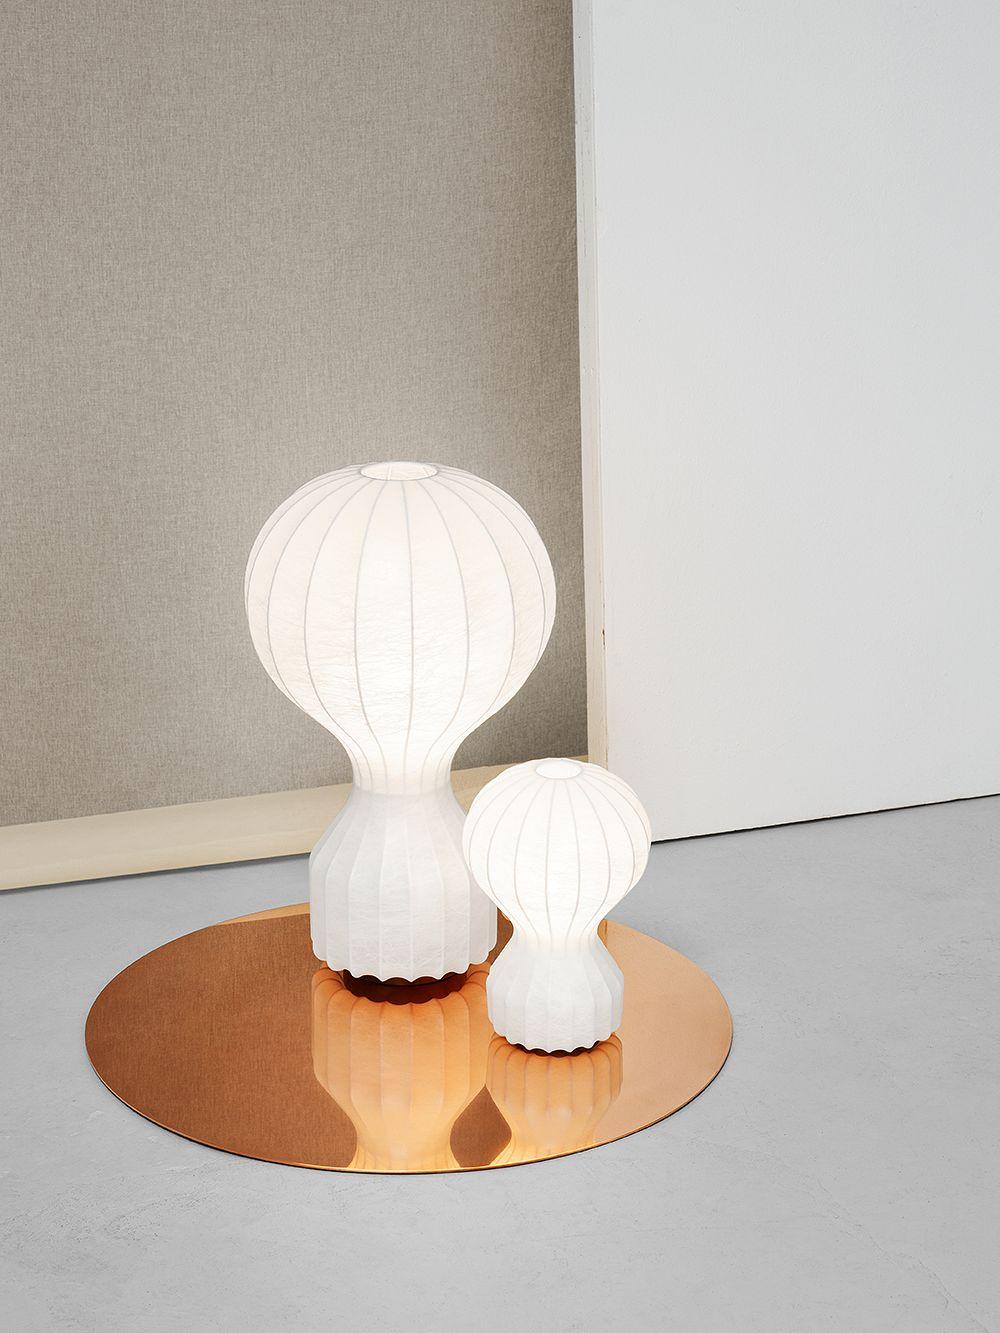 Gatto and Gatto Piccolo lamps by Flos.